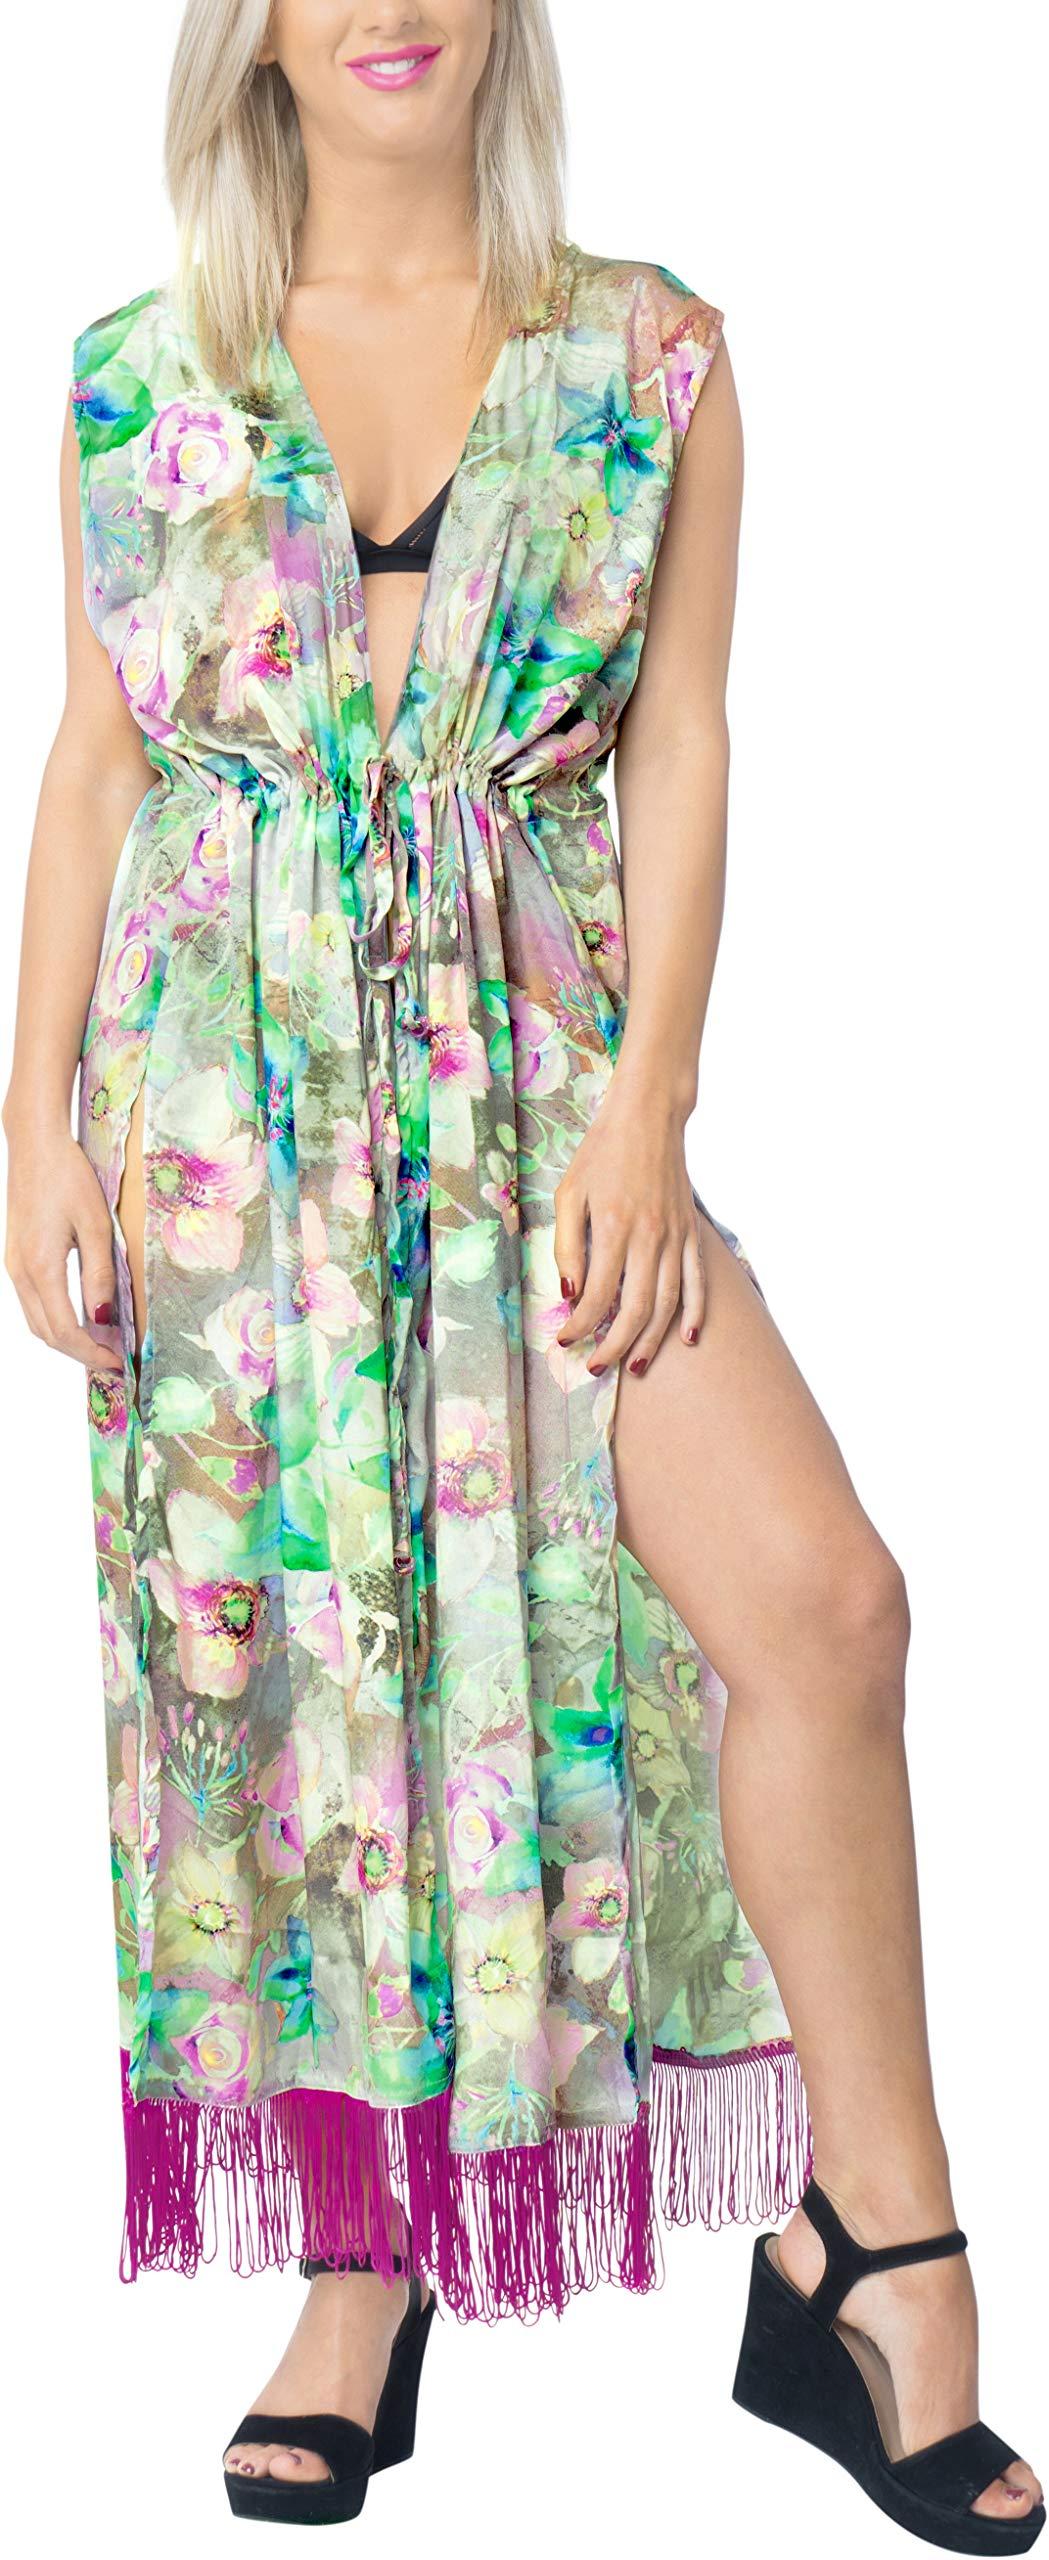 LA LEELA Seta Kimono Cardigan Lungo Donna Estivo Pizzo Boho Copricostume Abito da Mare Spiaggia per Costumi da Bagno… 1 spesavip